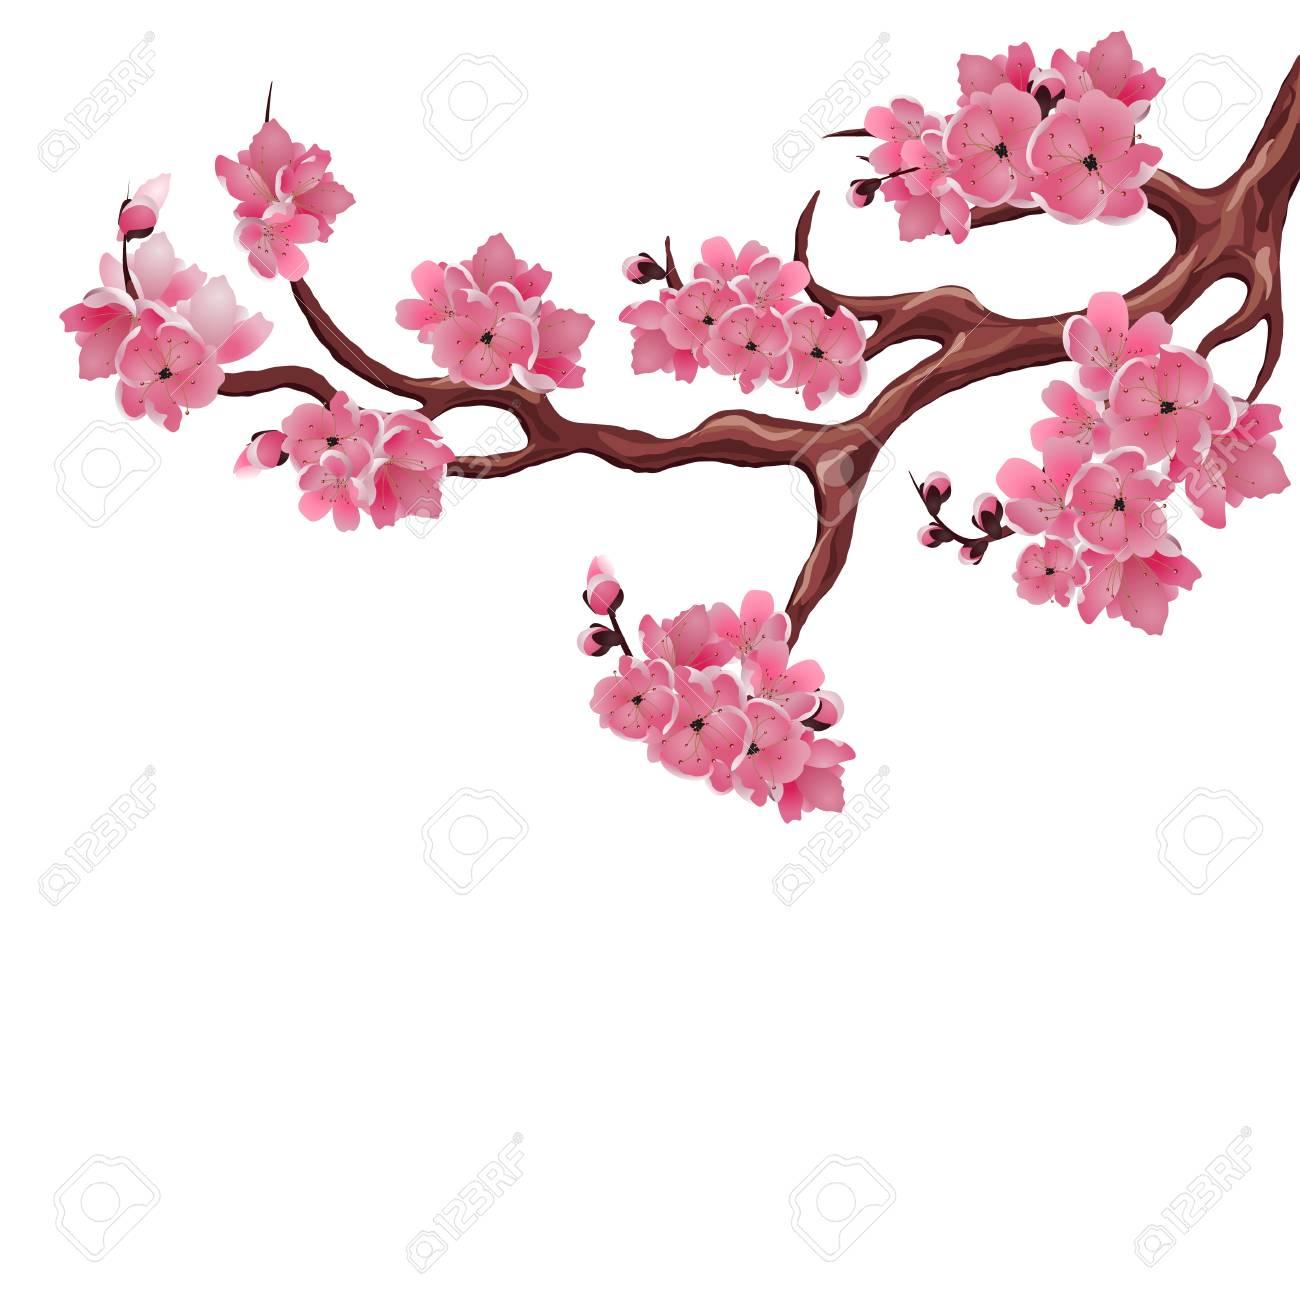 cerise japonaise sakura branches luxuriantes fleurs de cerisier rose fonce isole sur fond blanc illustration vectorielle